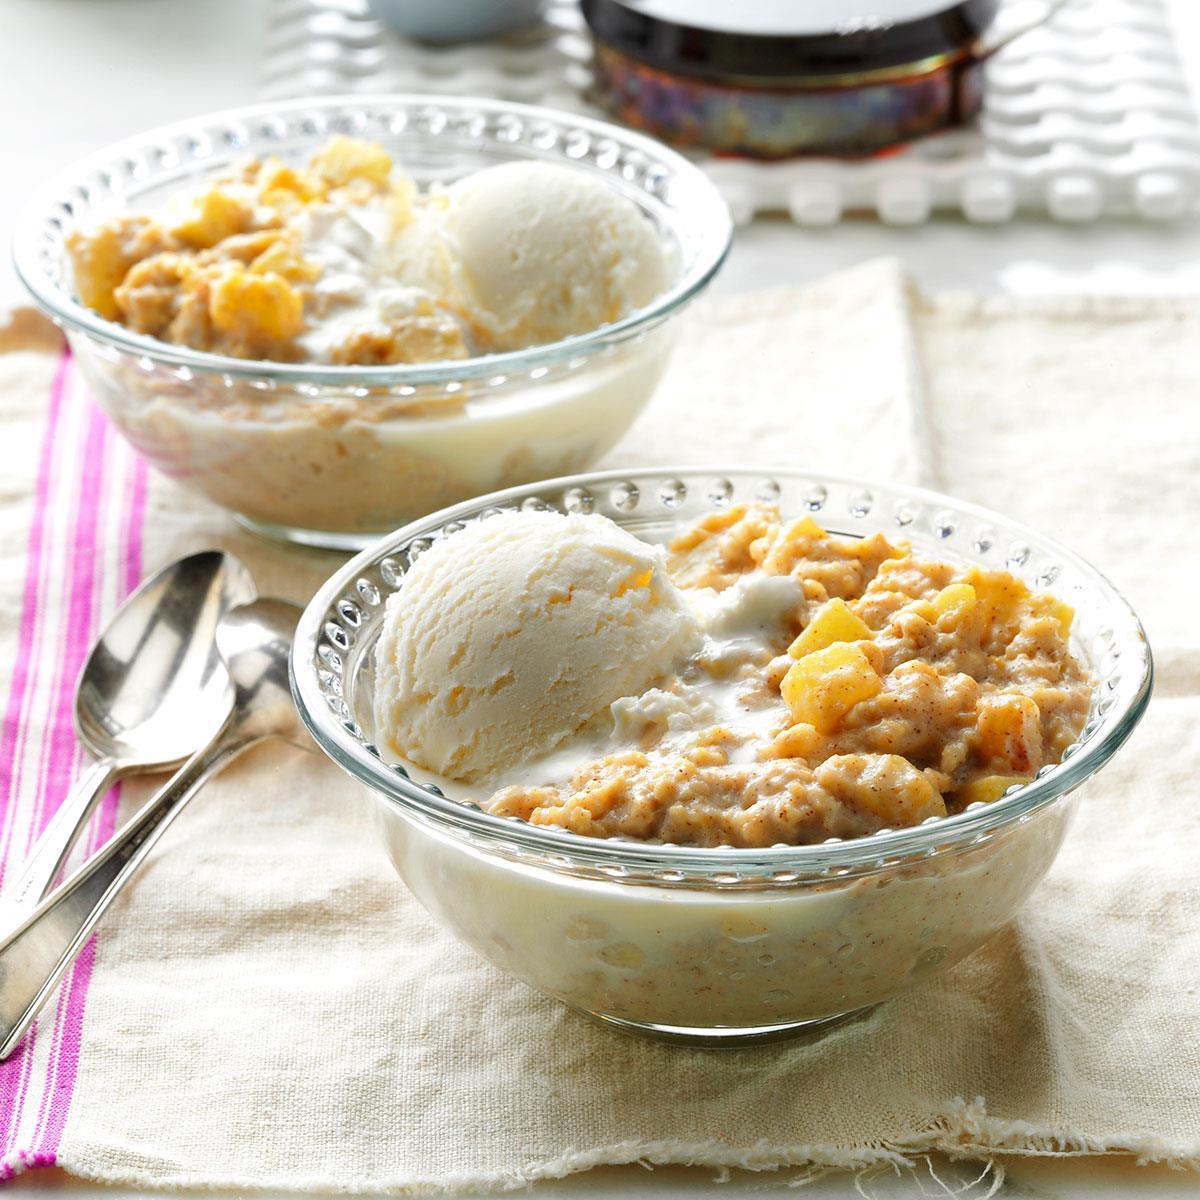 Apple Pie Oatmeal  Apple Pie Oatmeal Dessert Recipe